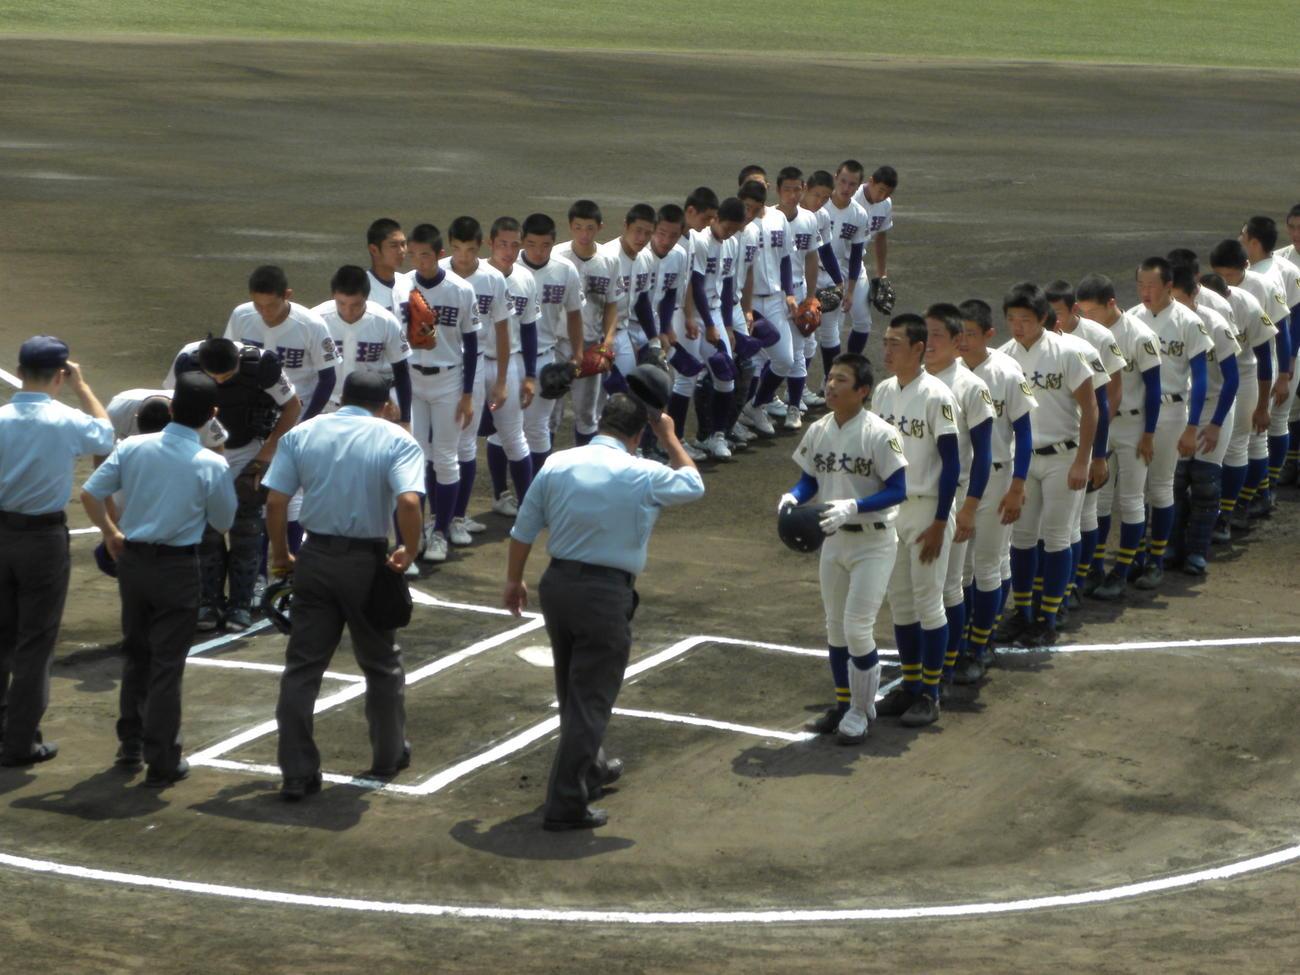 決勝前に整列した奈良大付(右)と天理の選手たち(撮影・松本航)